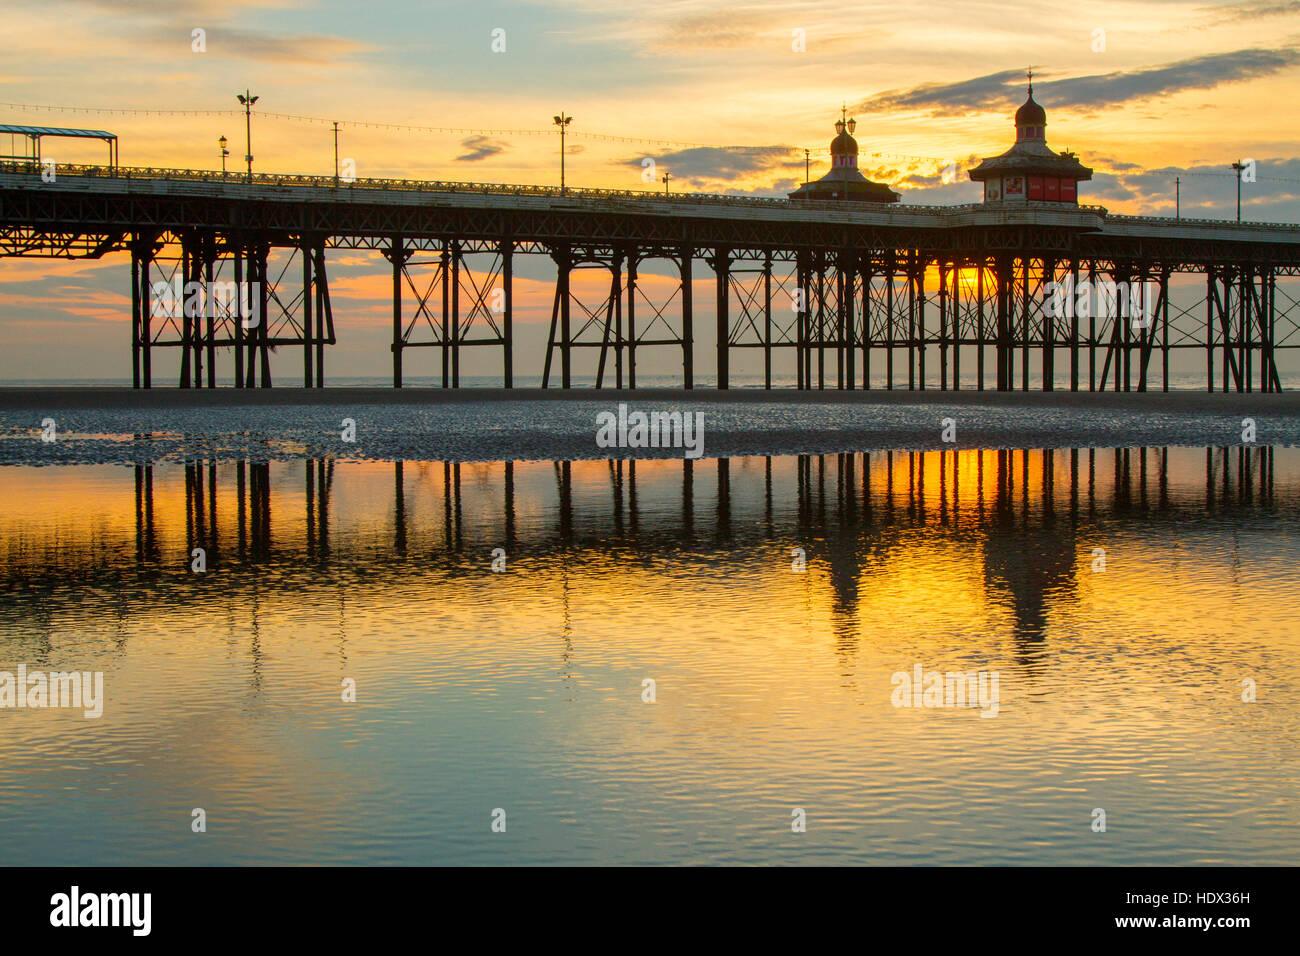 Blackpool, Lancashire, Regno Unito. Xiv Dic, 2016. Regno Unito: Meteo Sunset over Blackpool Lancashire: 14 Dic 2016. Immagini Stock